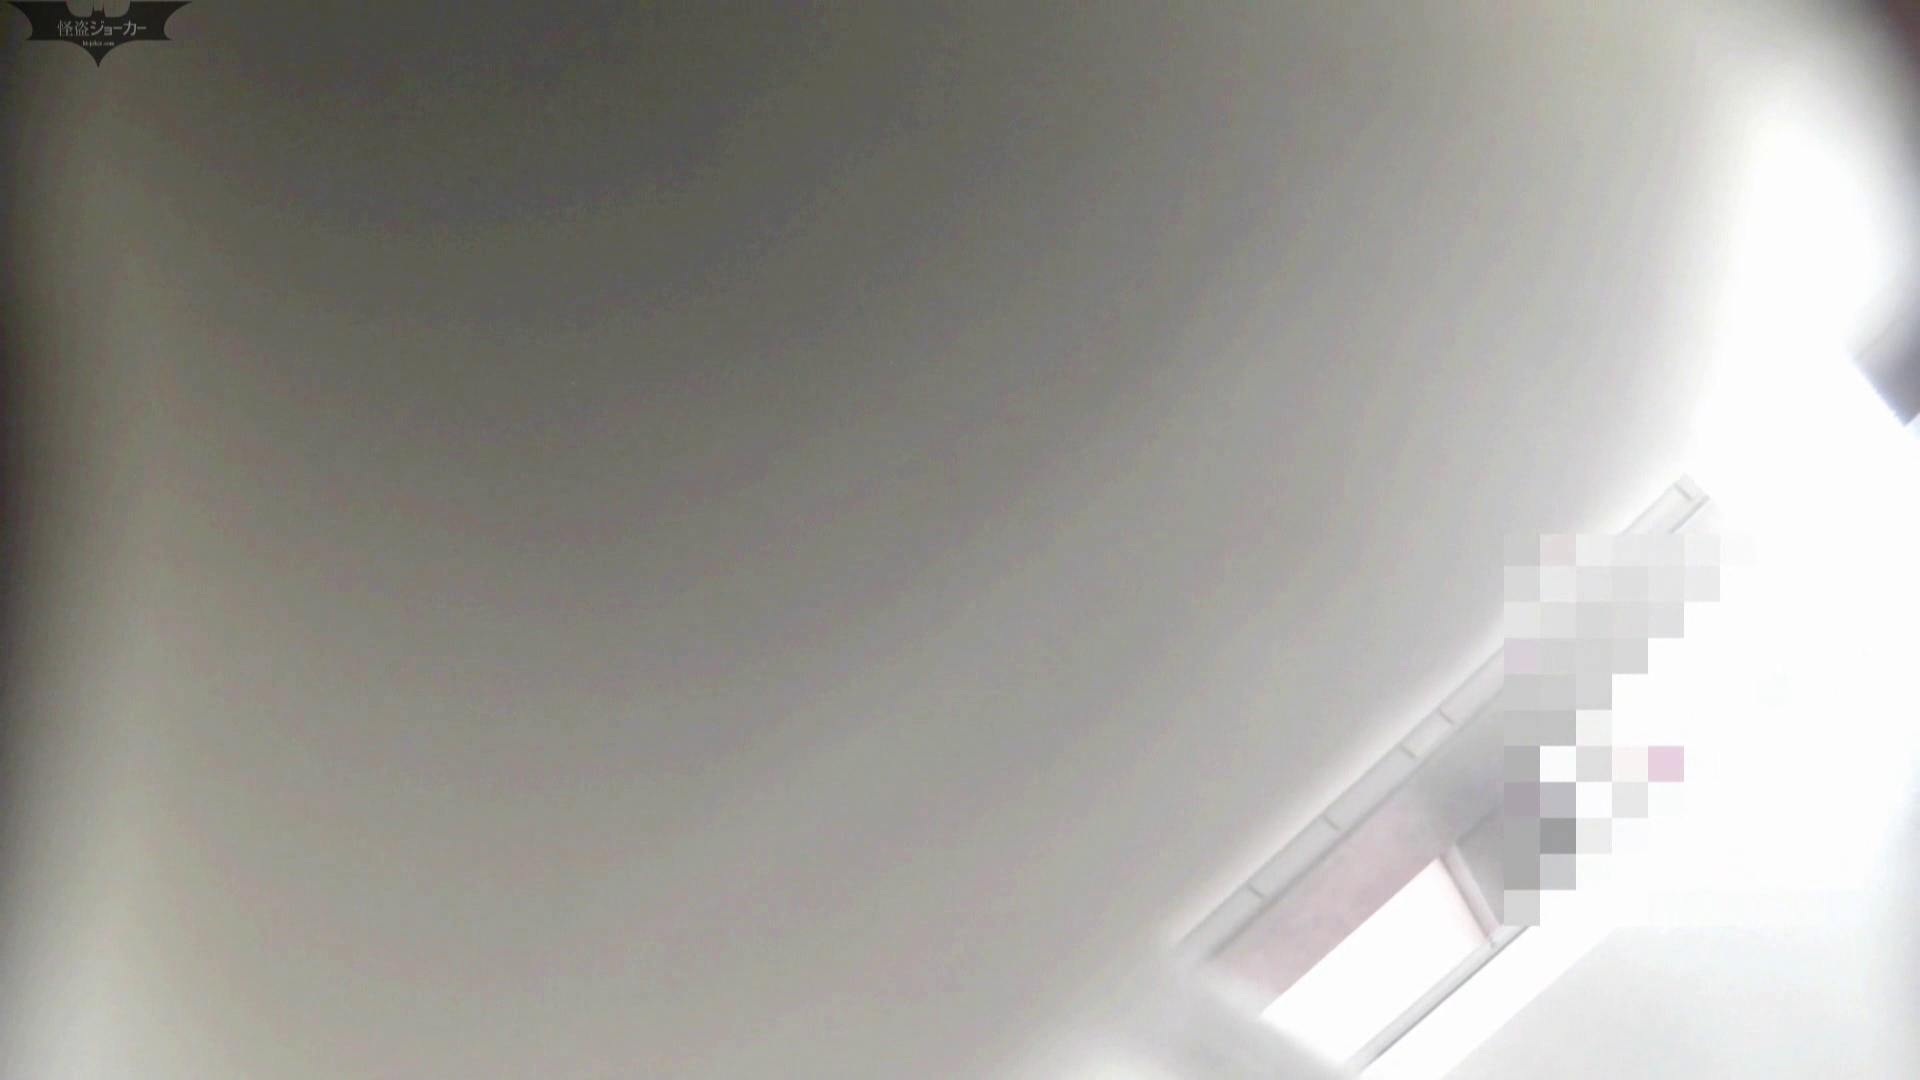 洗面所特攻隊 vol.006 OLのボディ | 洗面所  81PIX 69